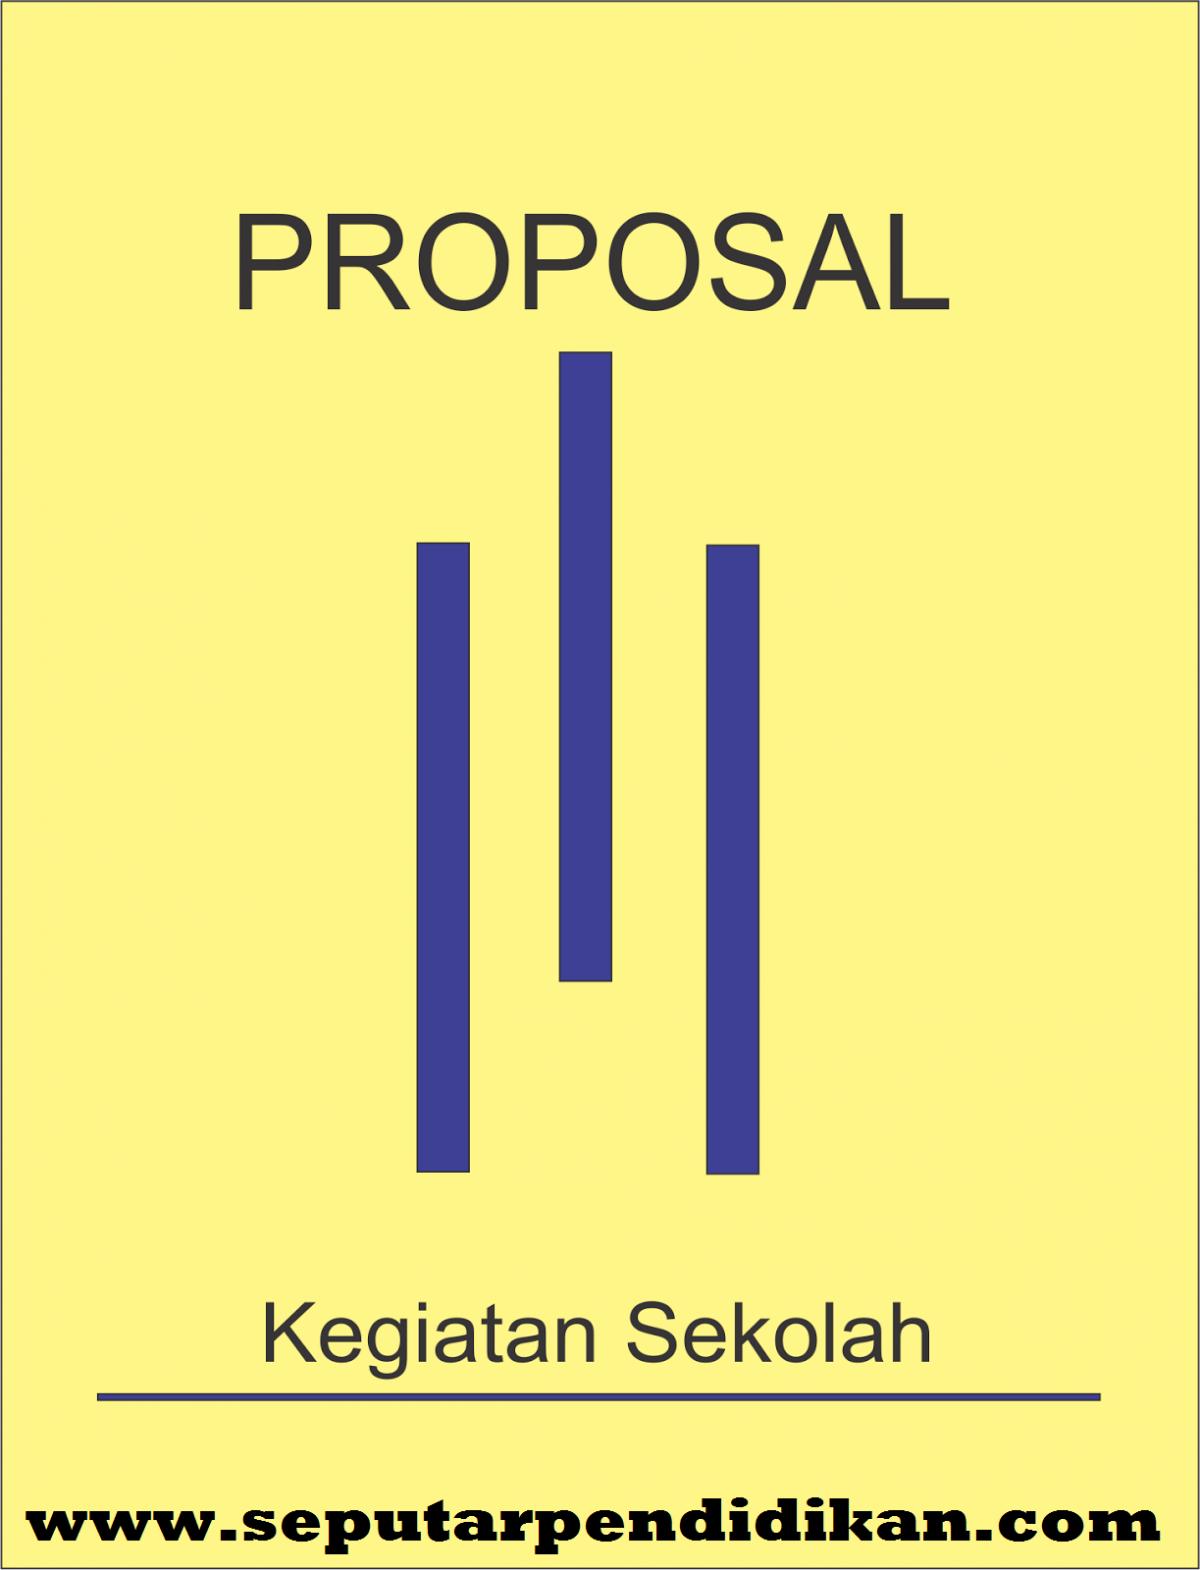 Contoh dan Cara Membuat Proposal Kegiatan | Situs Berita ...